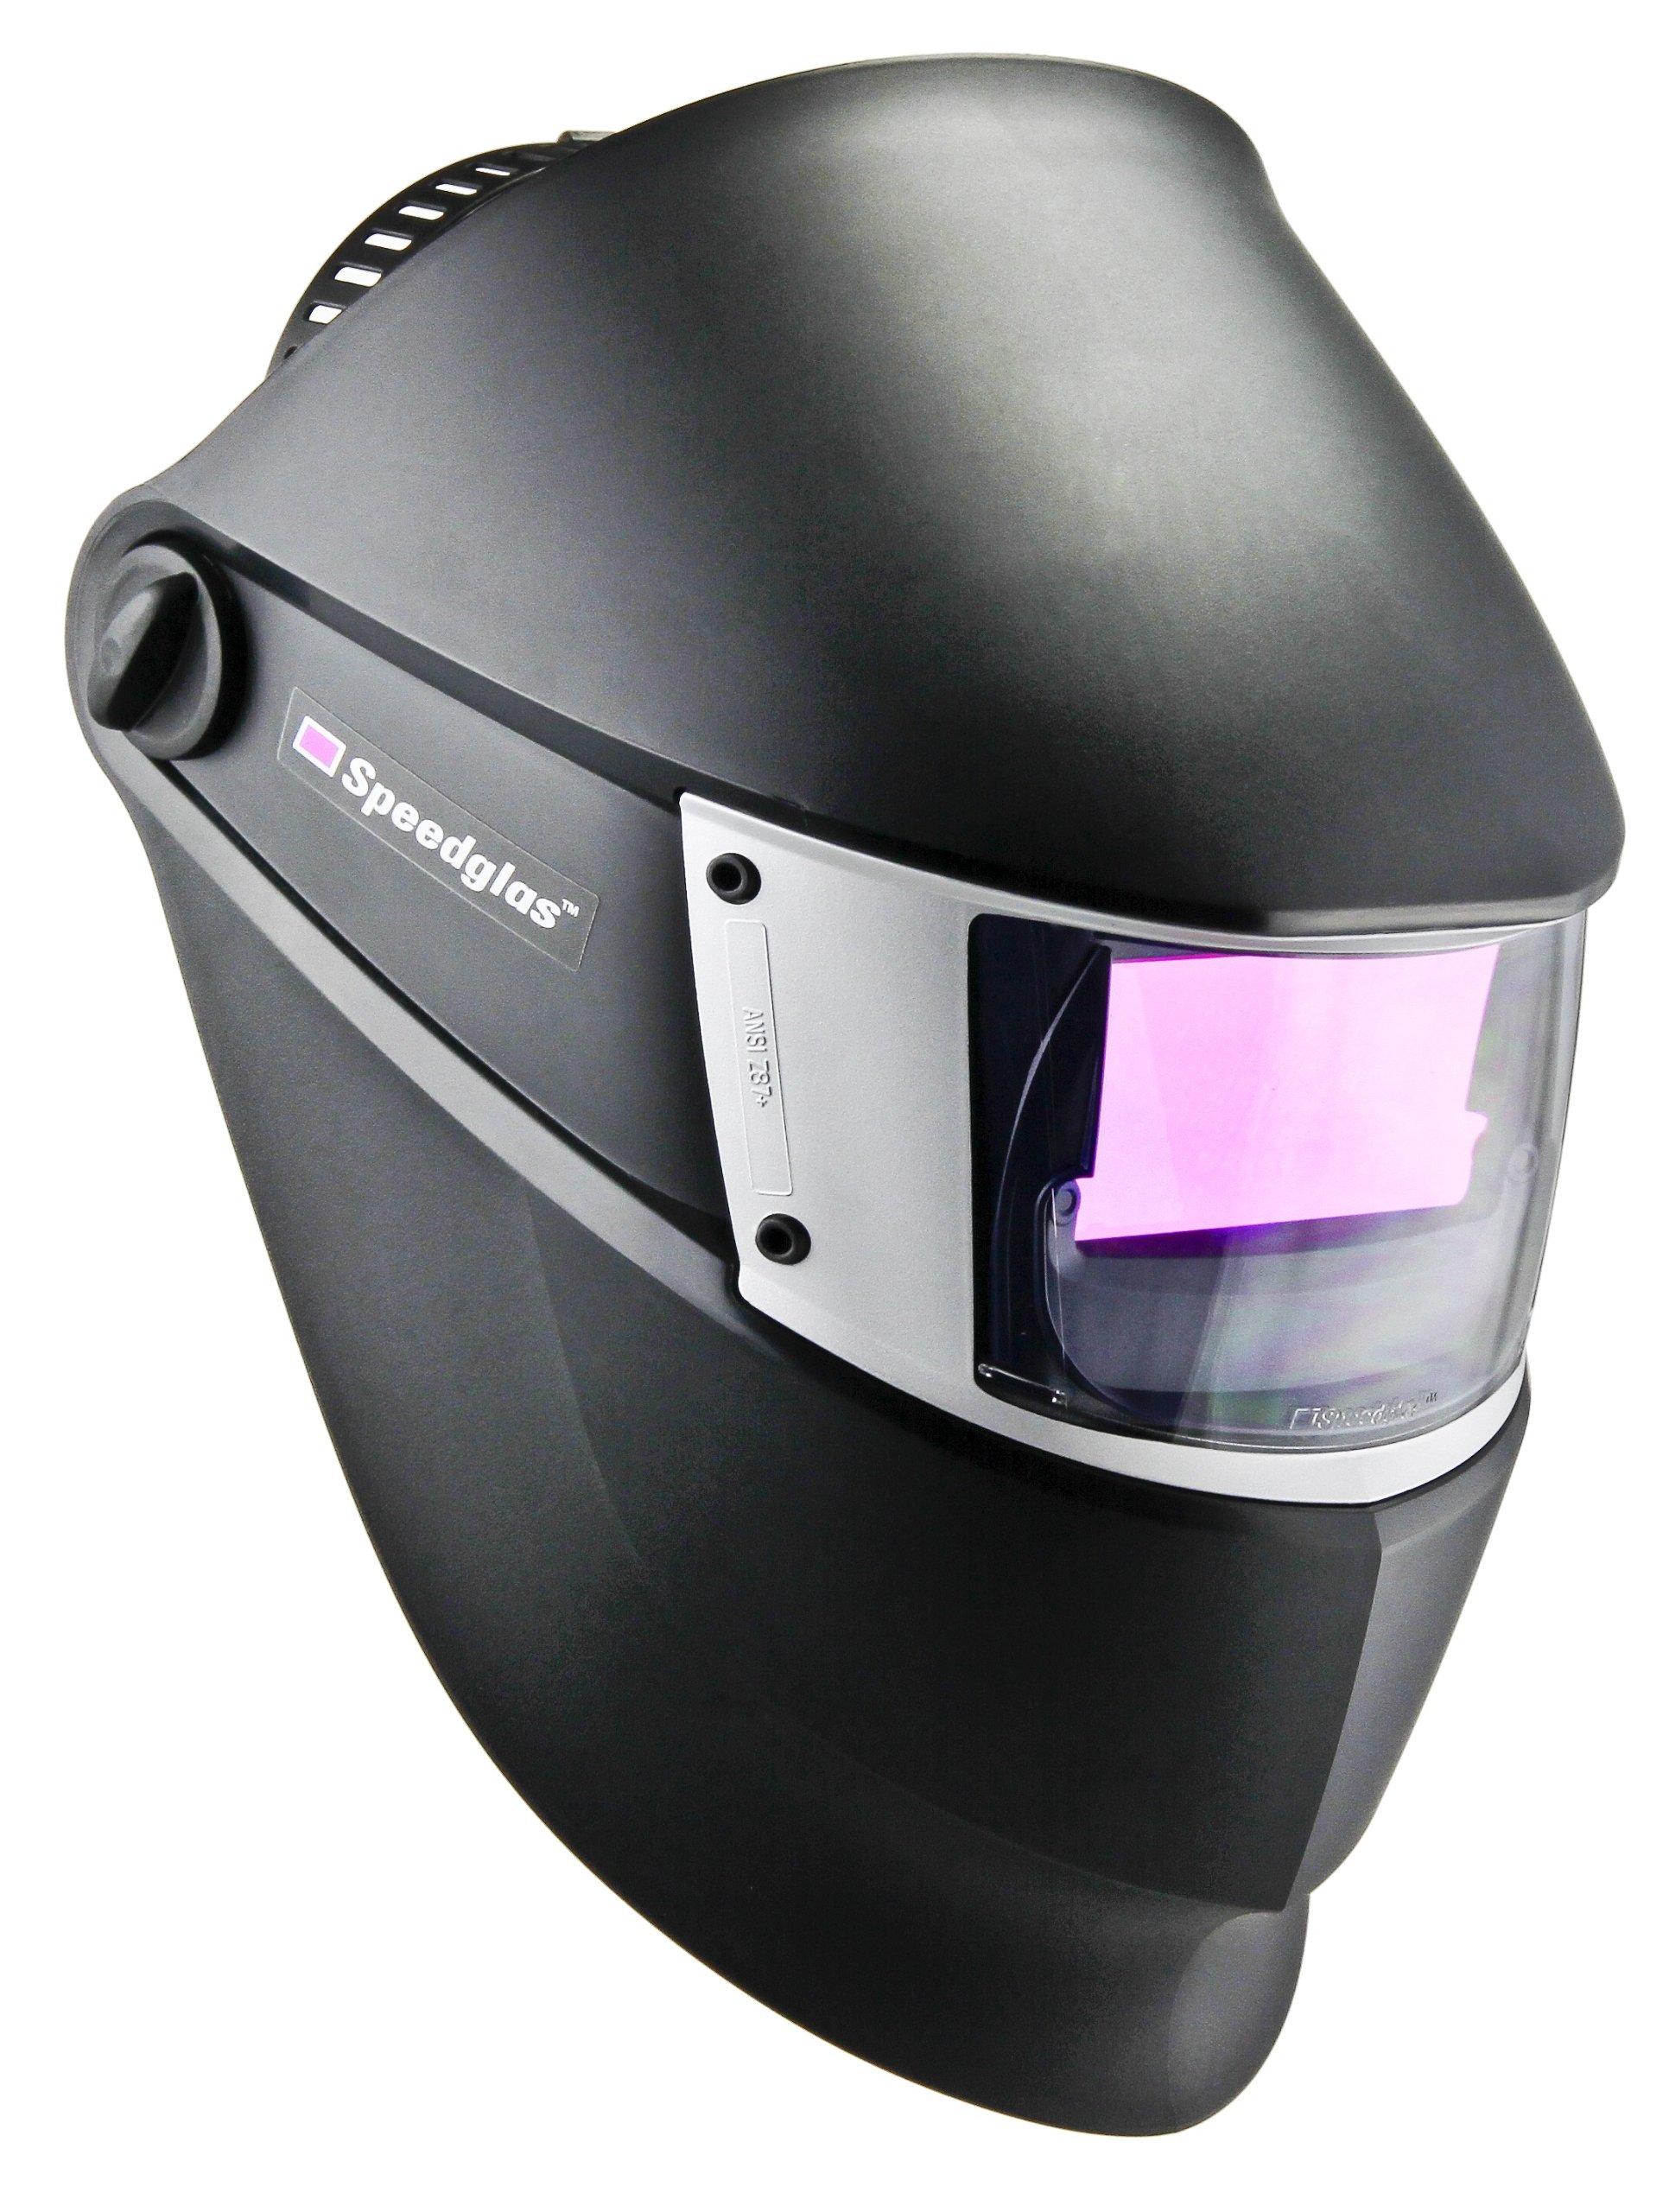 3M Speedglas Welding Helmet SL with Auto-Darkening Filter, Welding Safety 05-0013-41